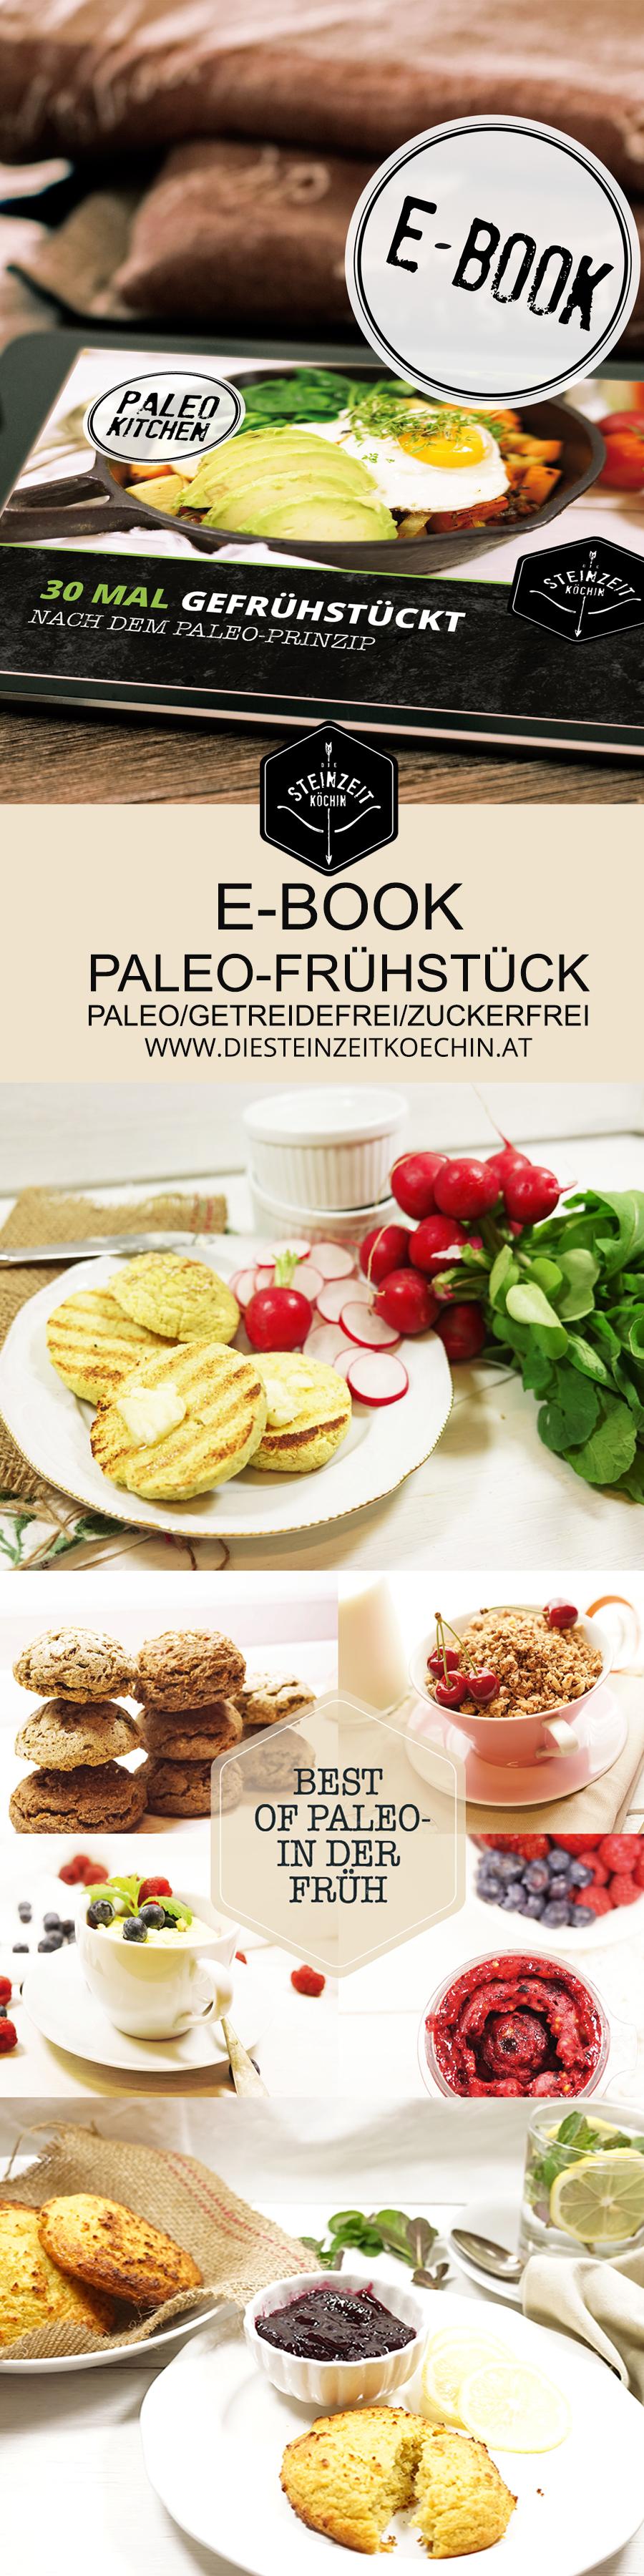 Paleo Frühstück, Frühstücksgerichte ohne Getreide, komplett zuckerfrei, ohne Milchprodukte, ideal zum Abnehmen, gesunde und schnelle Rezepte, alle Rezepte mehlfrei, wenig Kohlenhydrate, wenig Kalorien, mit ausschließlich natürlichen und gesunden Zutaten